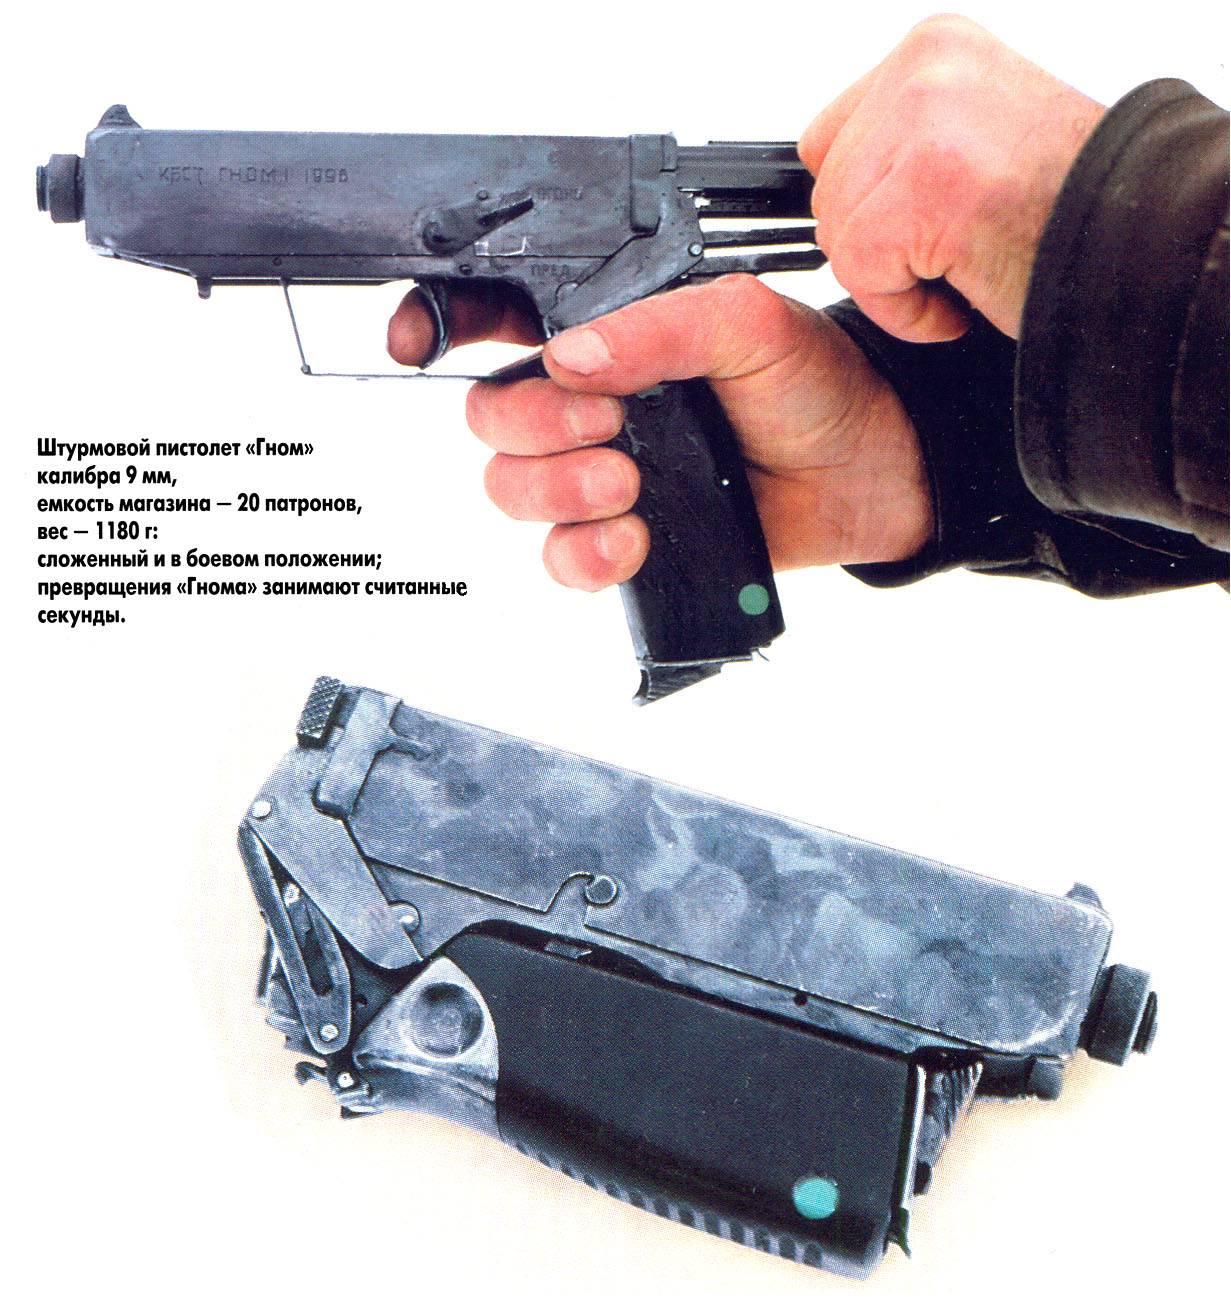 Semi automatique pistolet âgés de cerise @todorazor.com